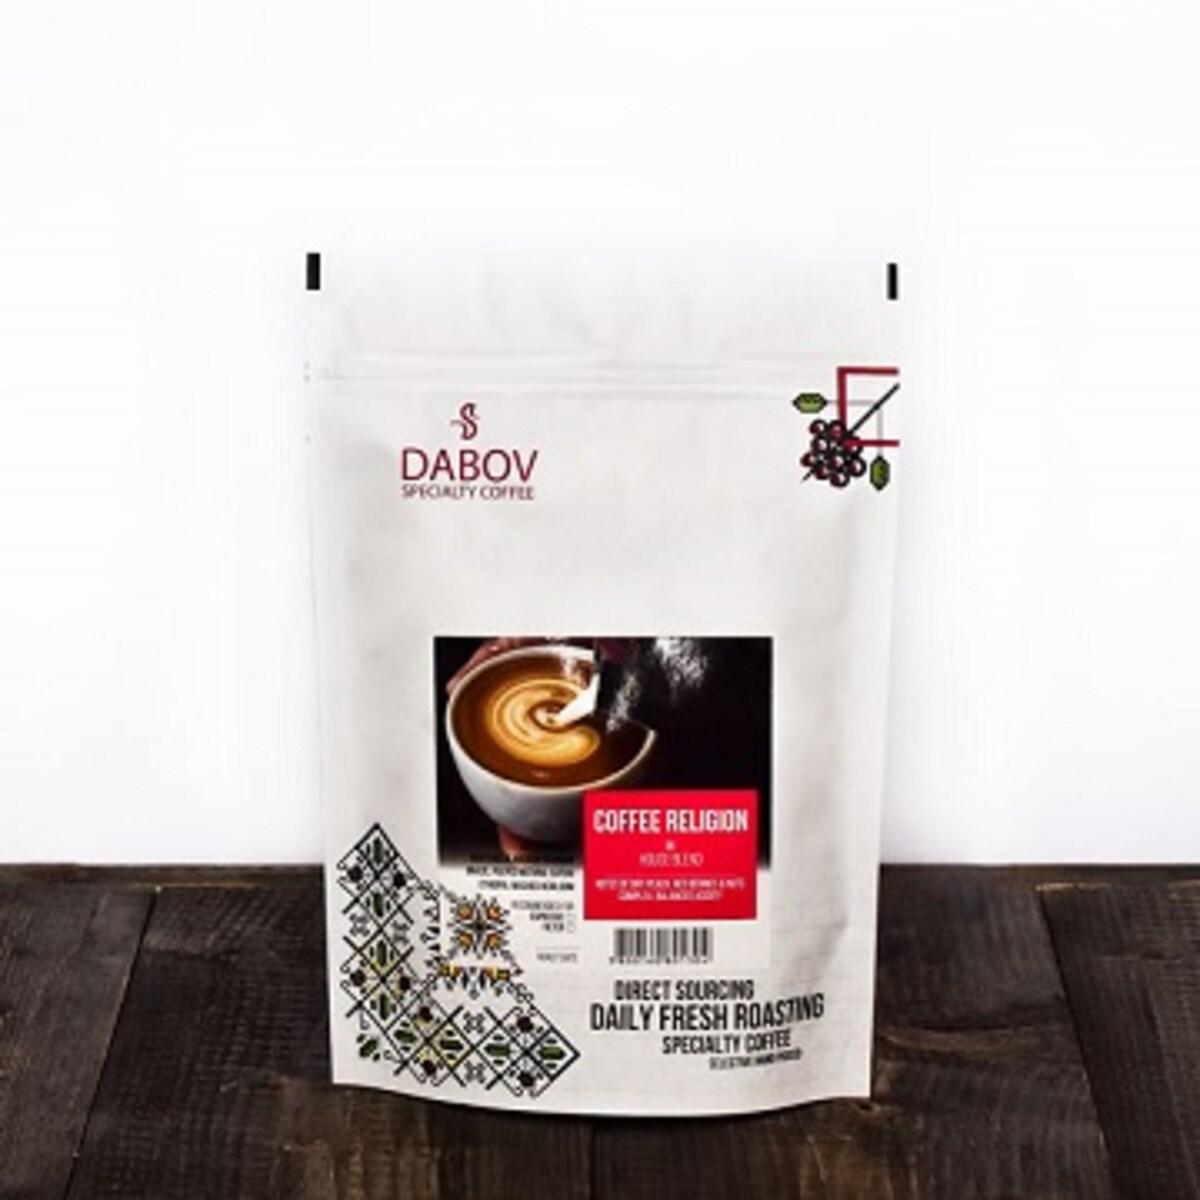 DABOV Specialty Coffee - Coffee Religion Blend 200.8гр